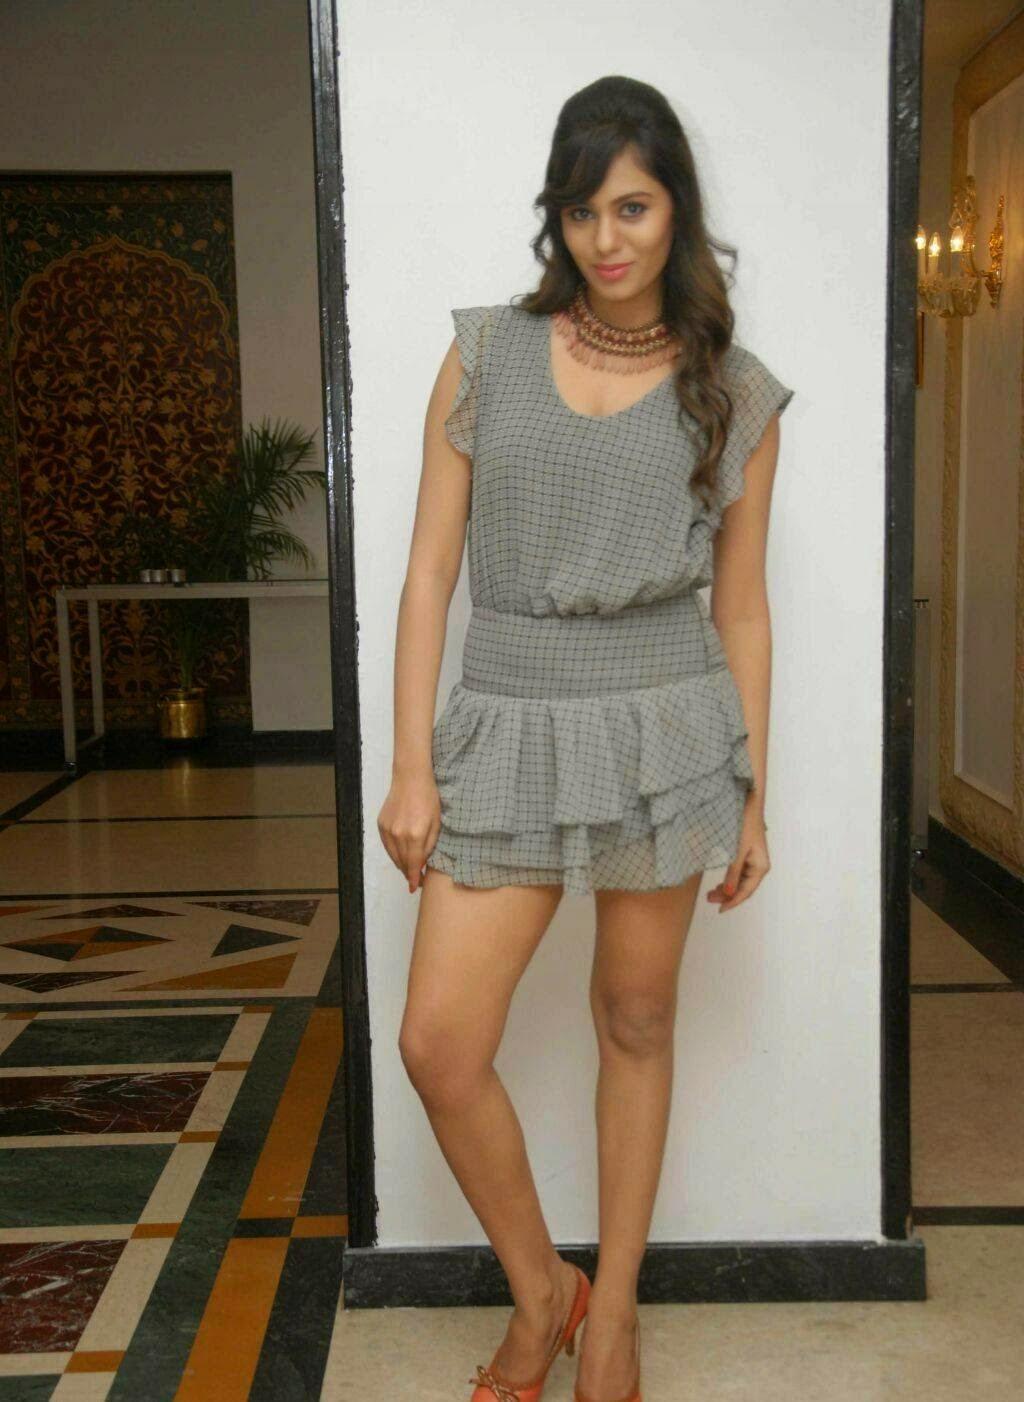 Deepa sannidhi hot